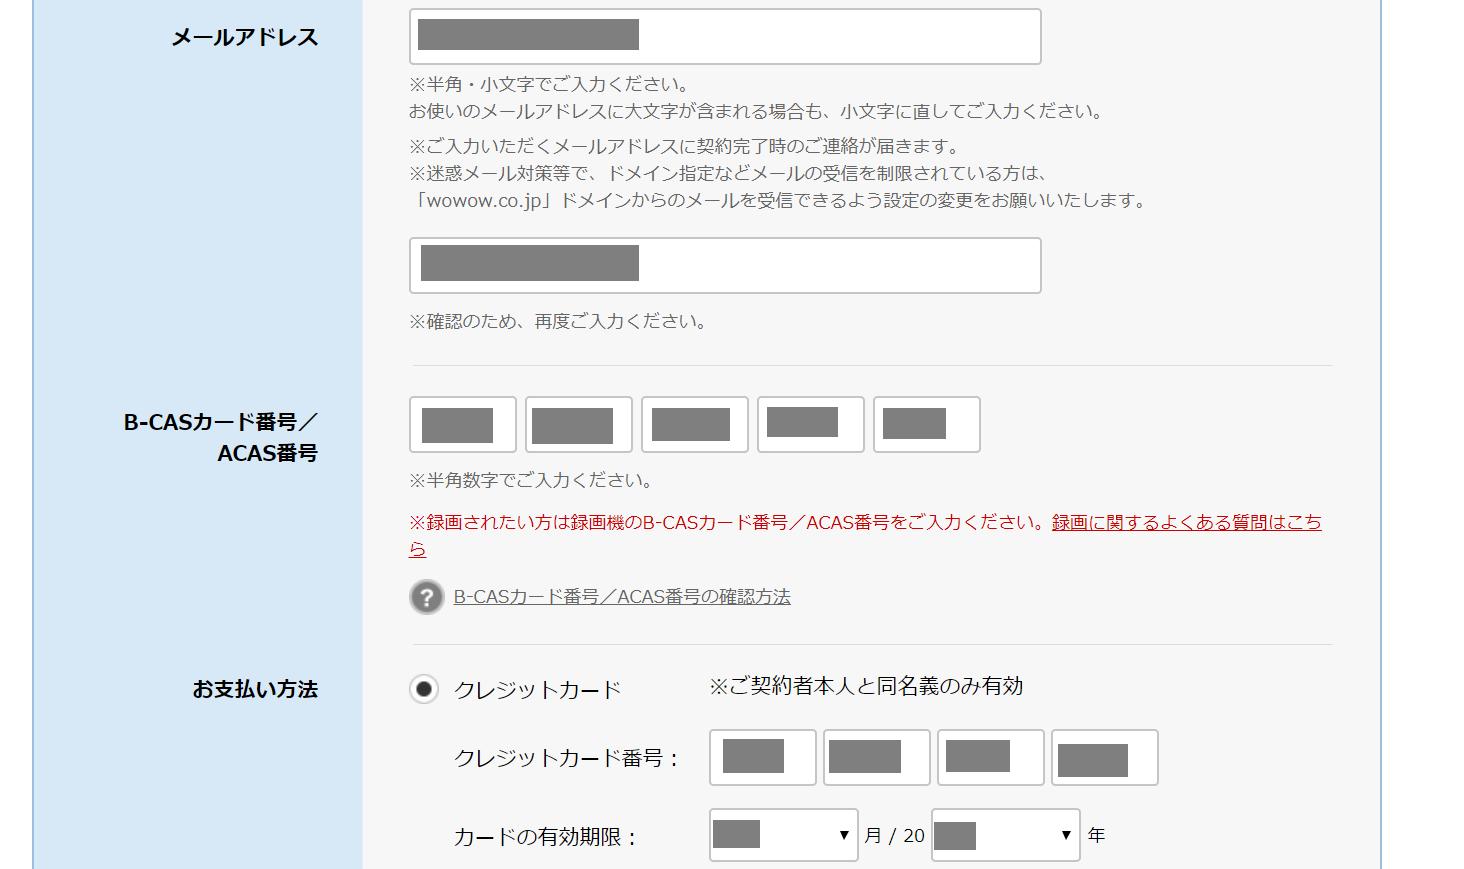 登録情報3